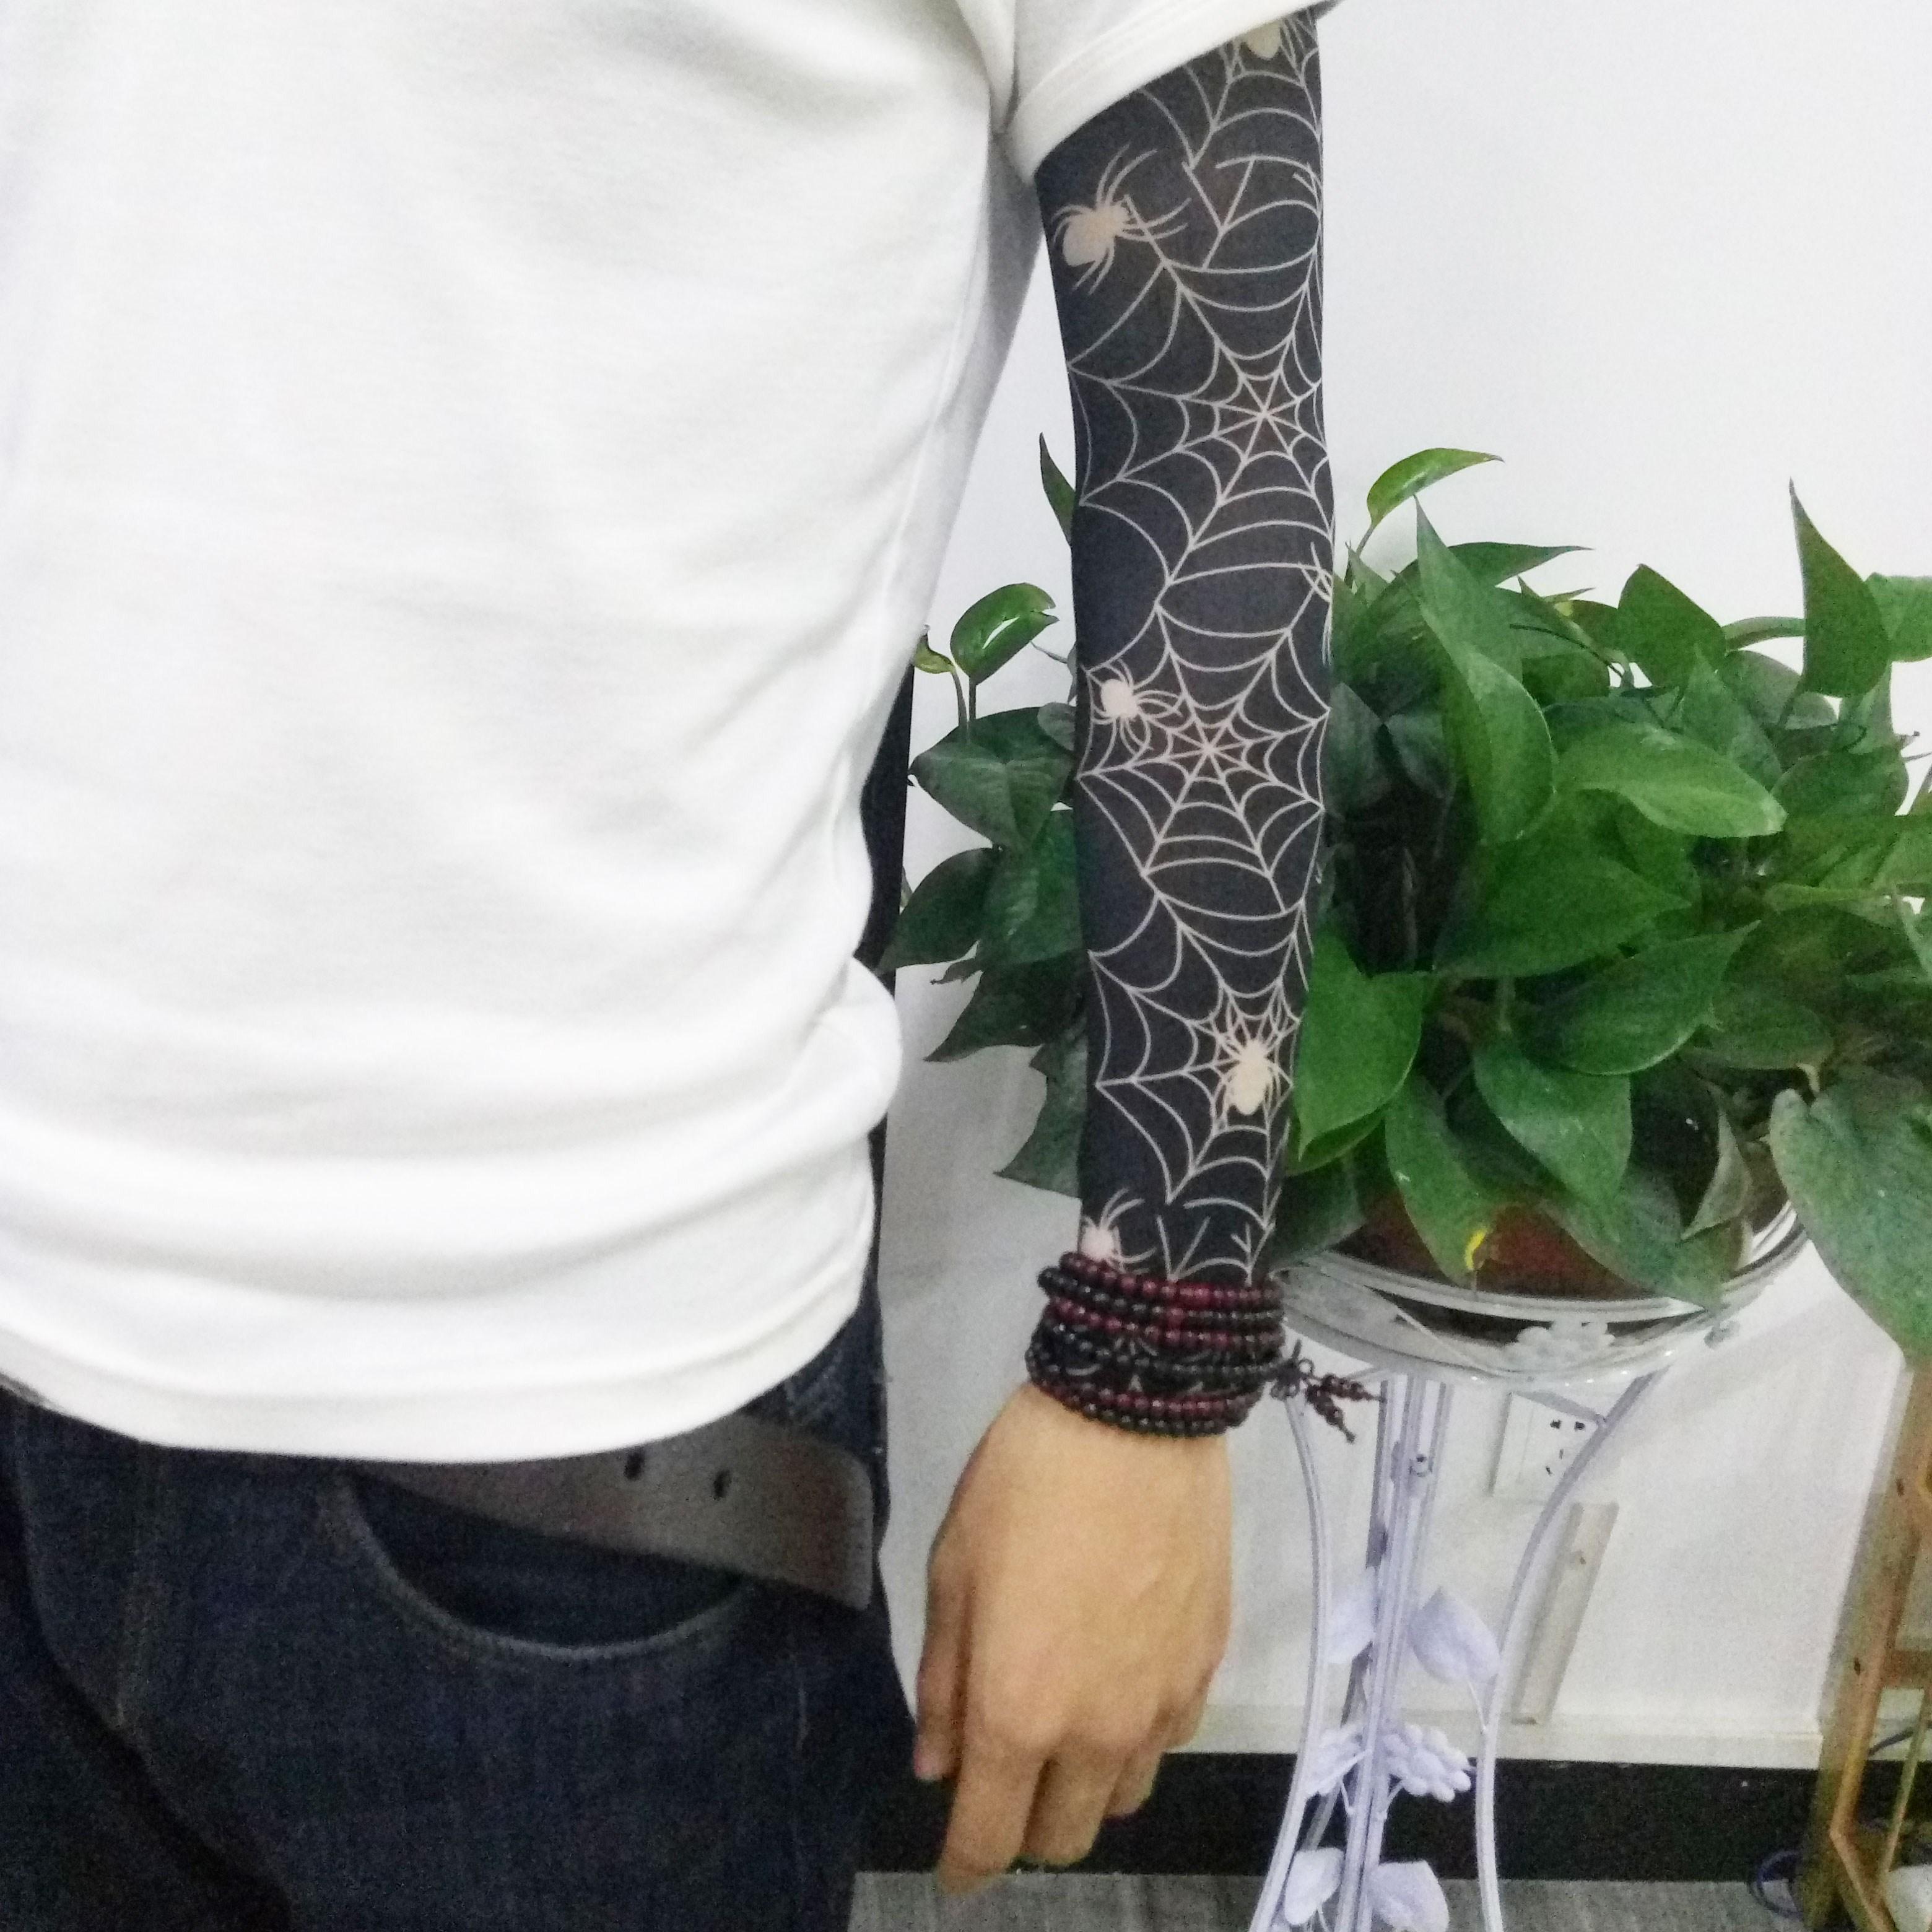 无缝骑行遮盖花纹装备男士纹身袖套(非品牌)